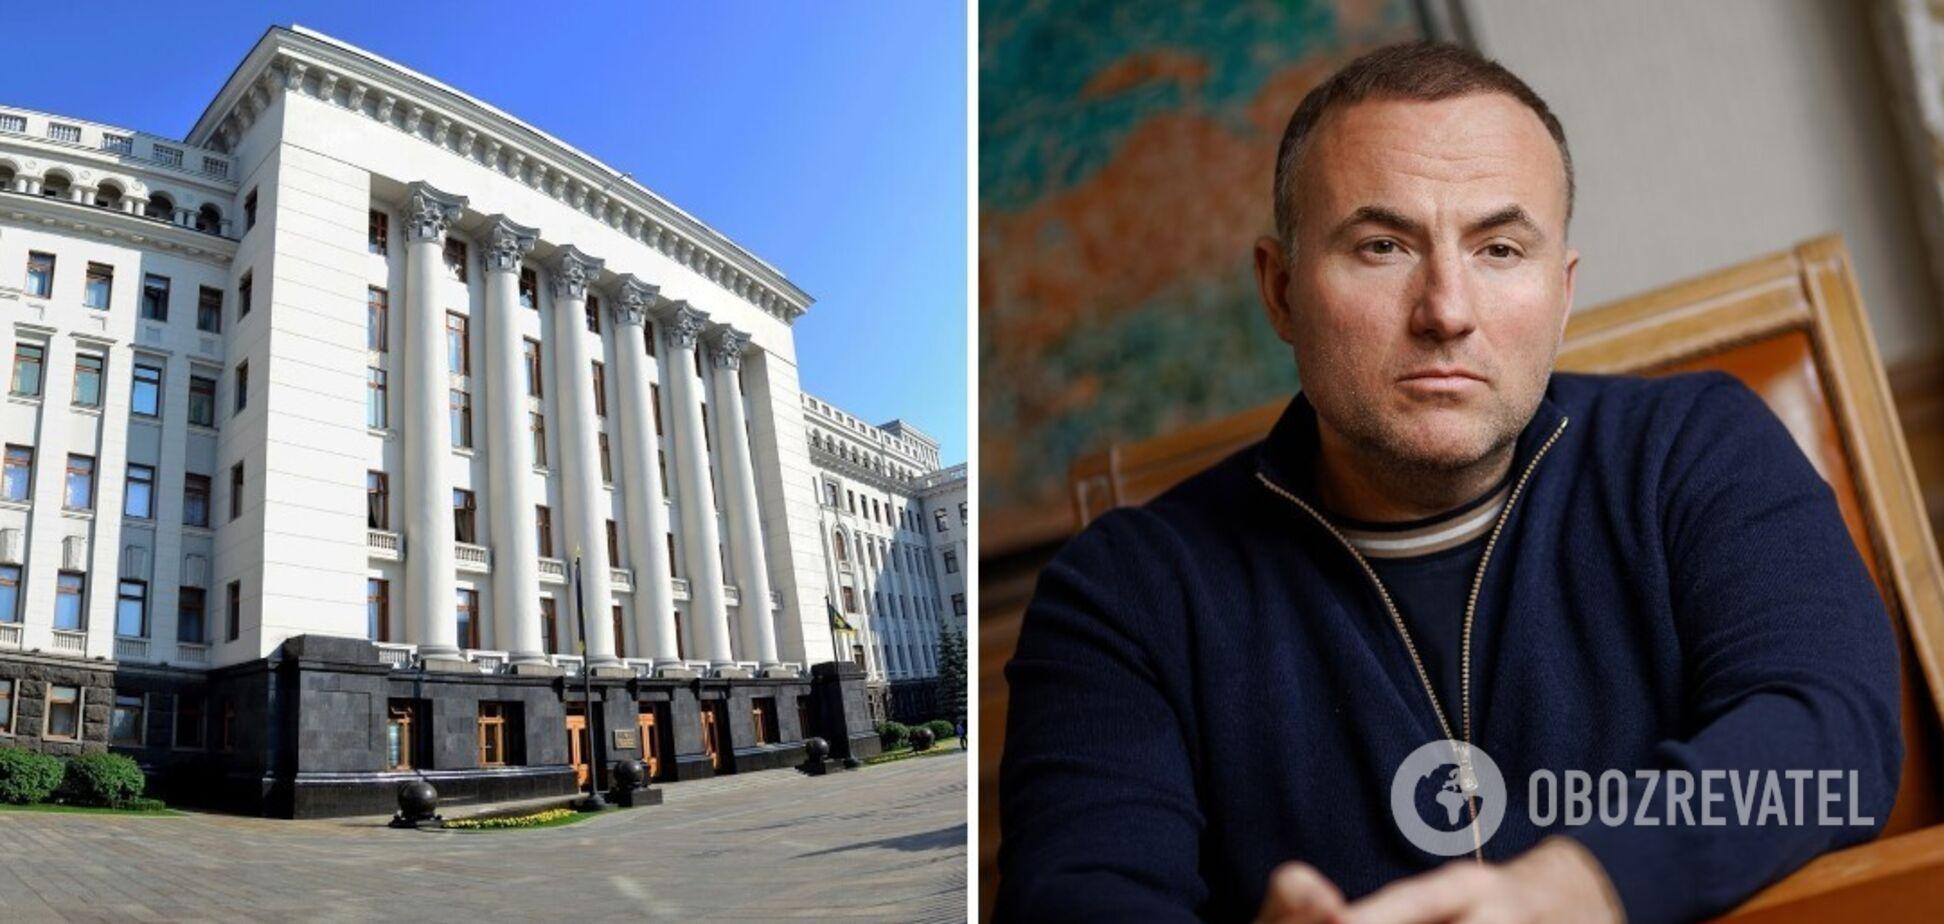 ОПУ 'пустил' Фукса по кругу: ответ на запрос Obozrevatel